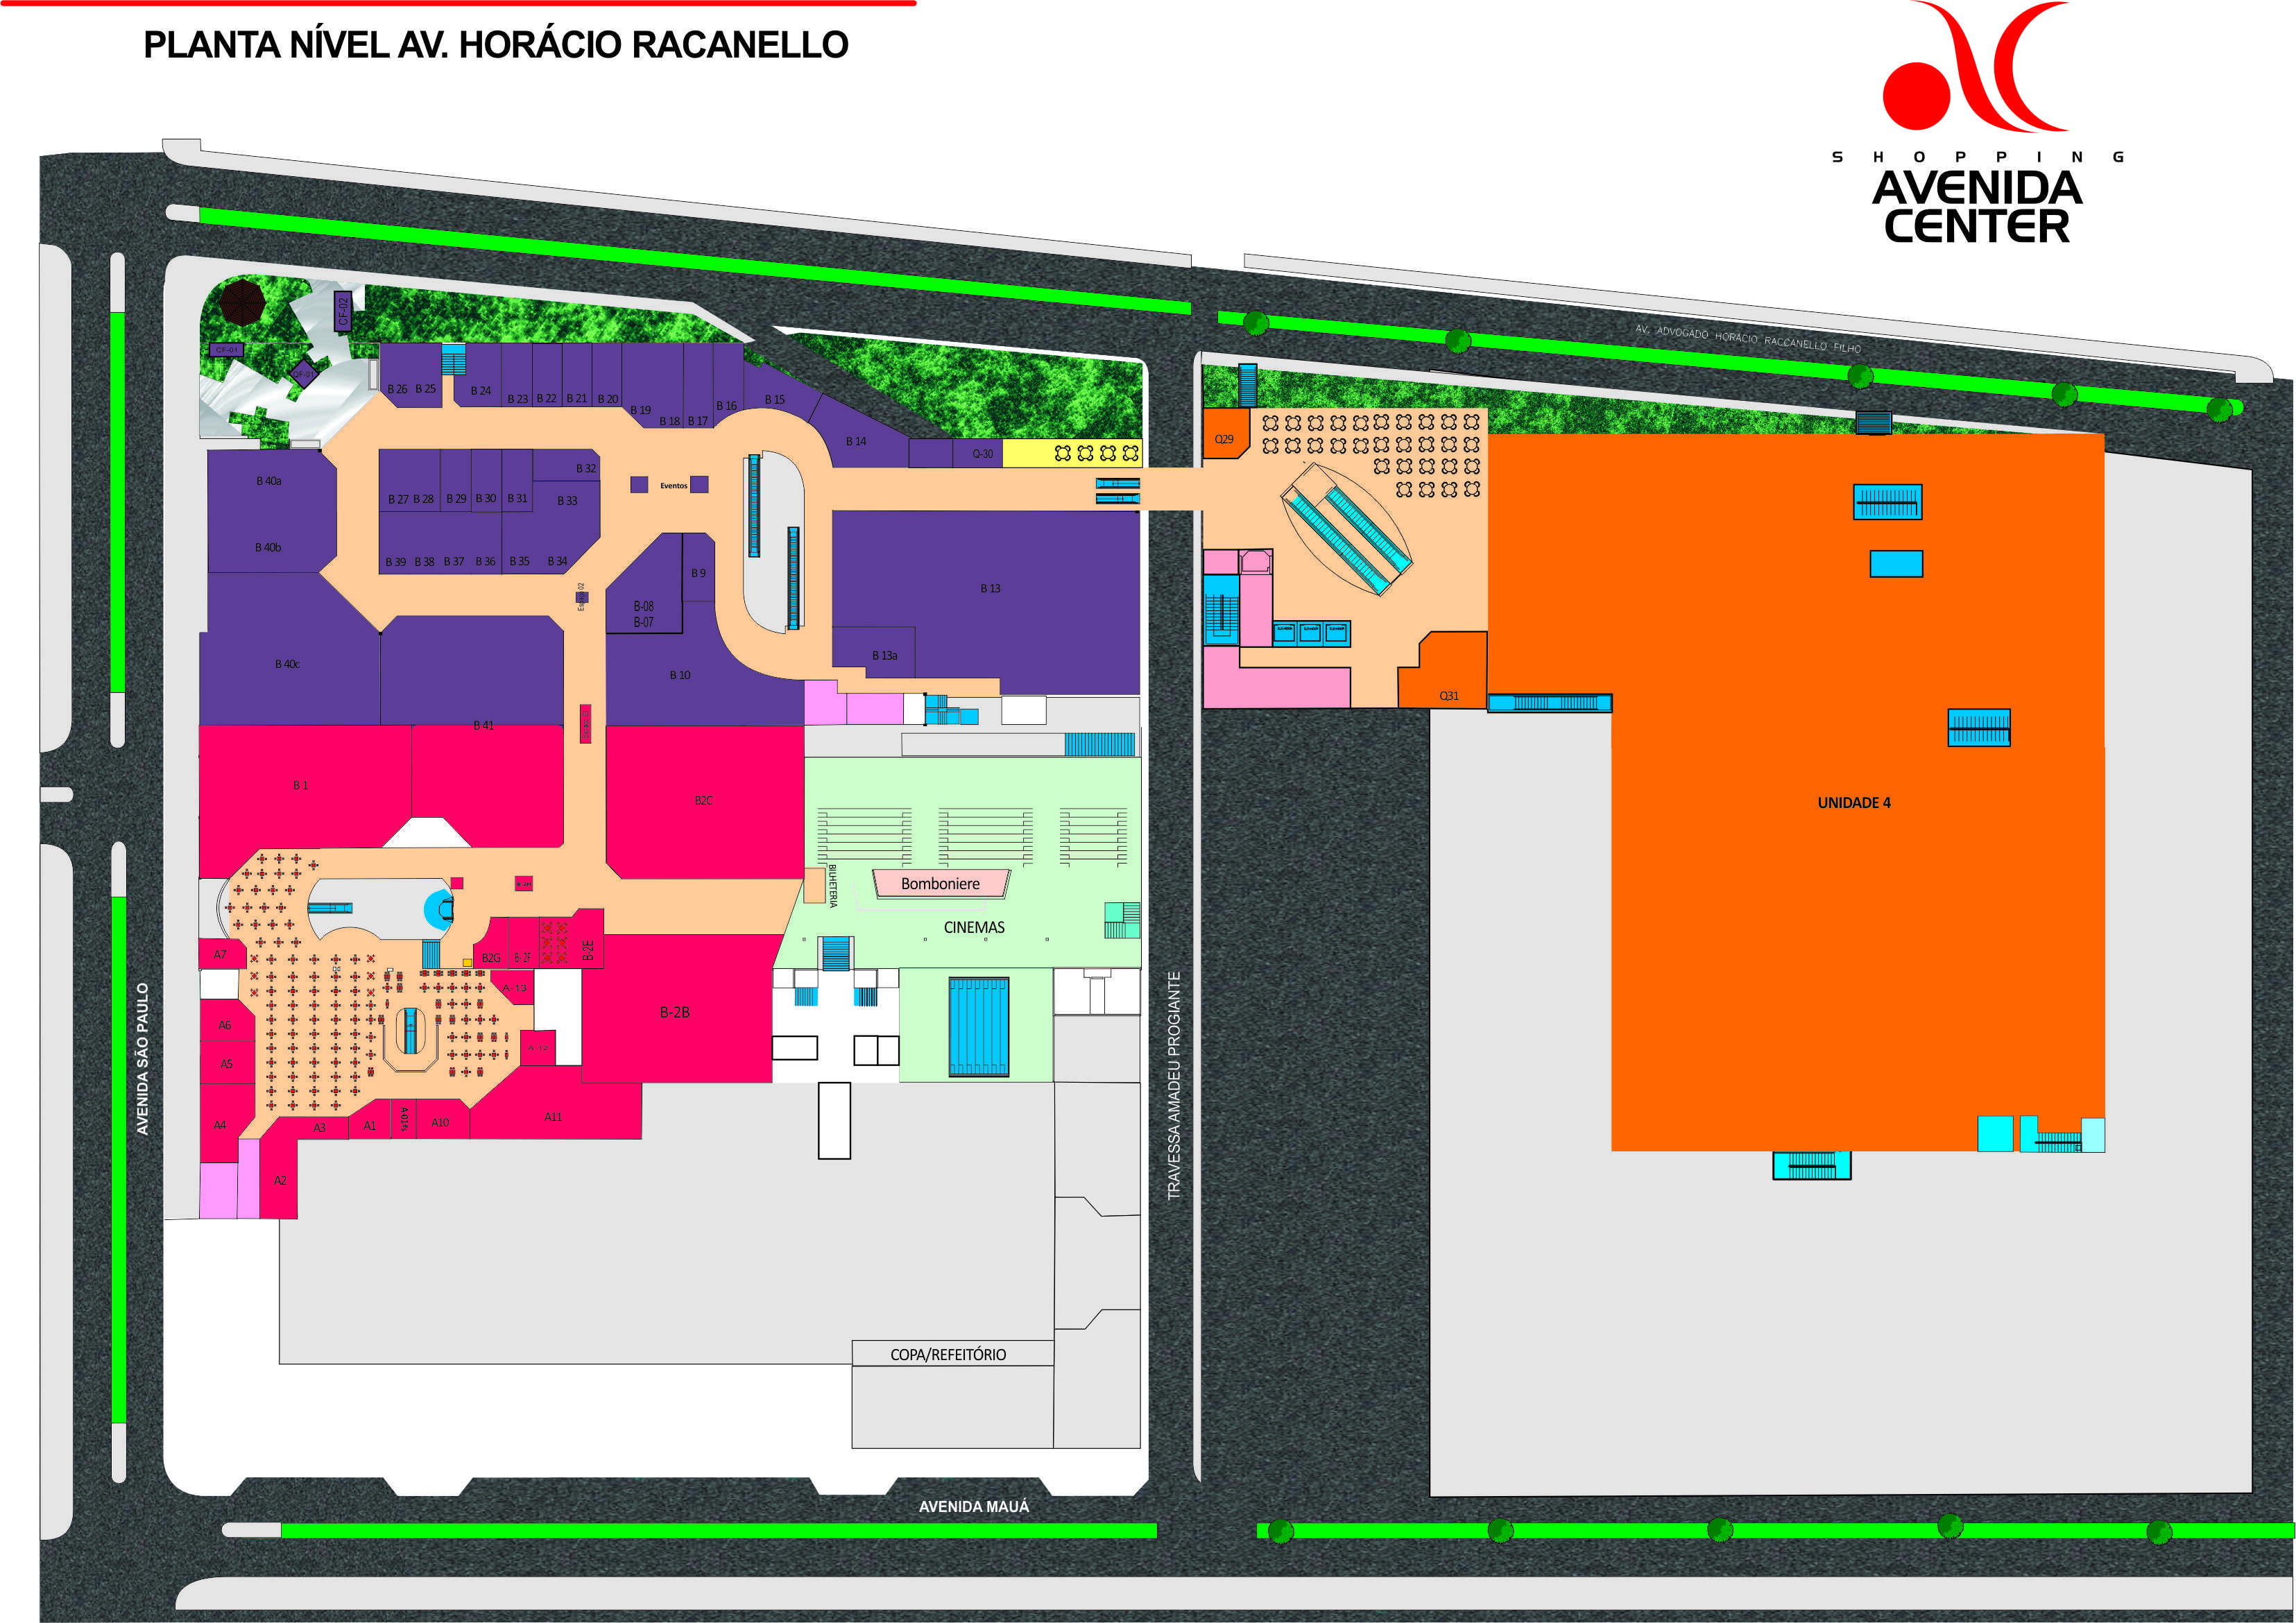 Mapa do shopping - localização, SNACK S BURGER